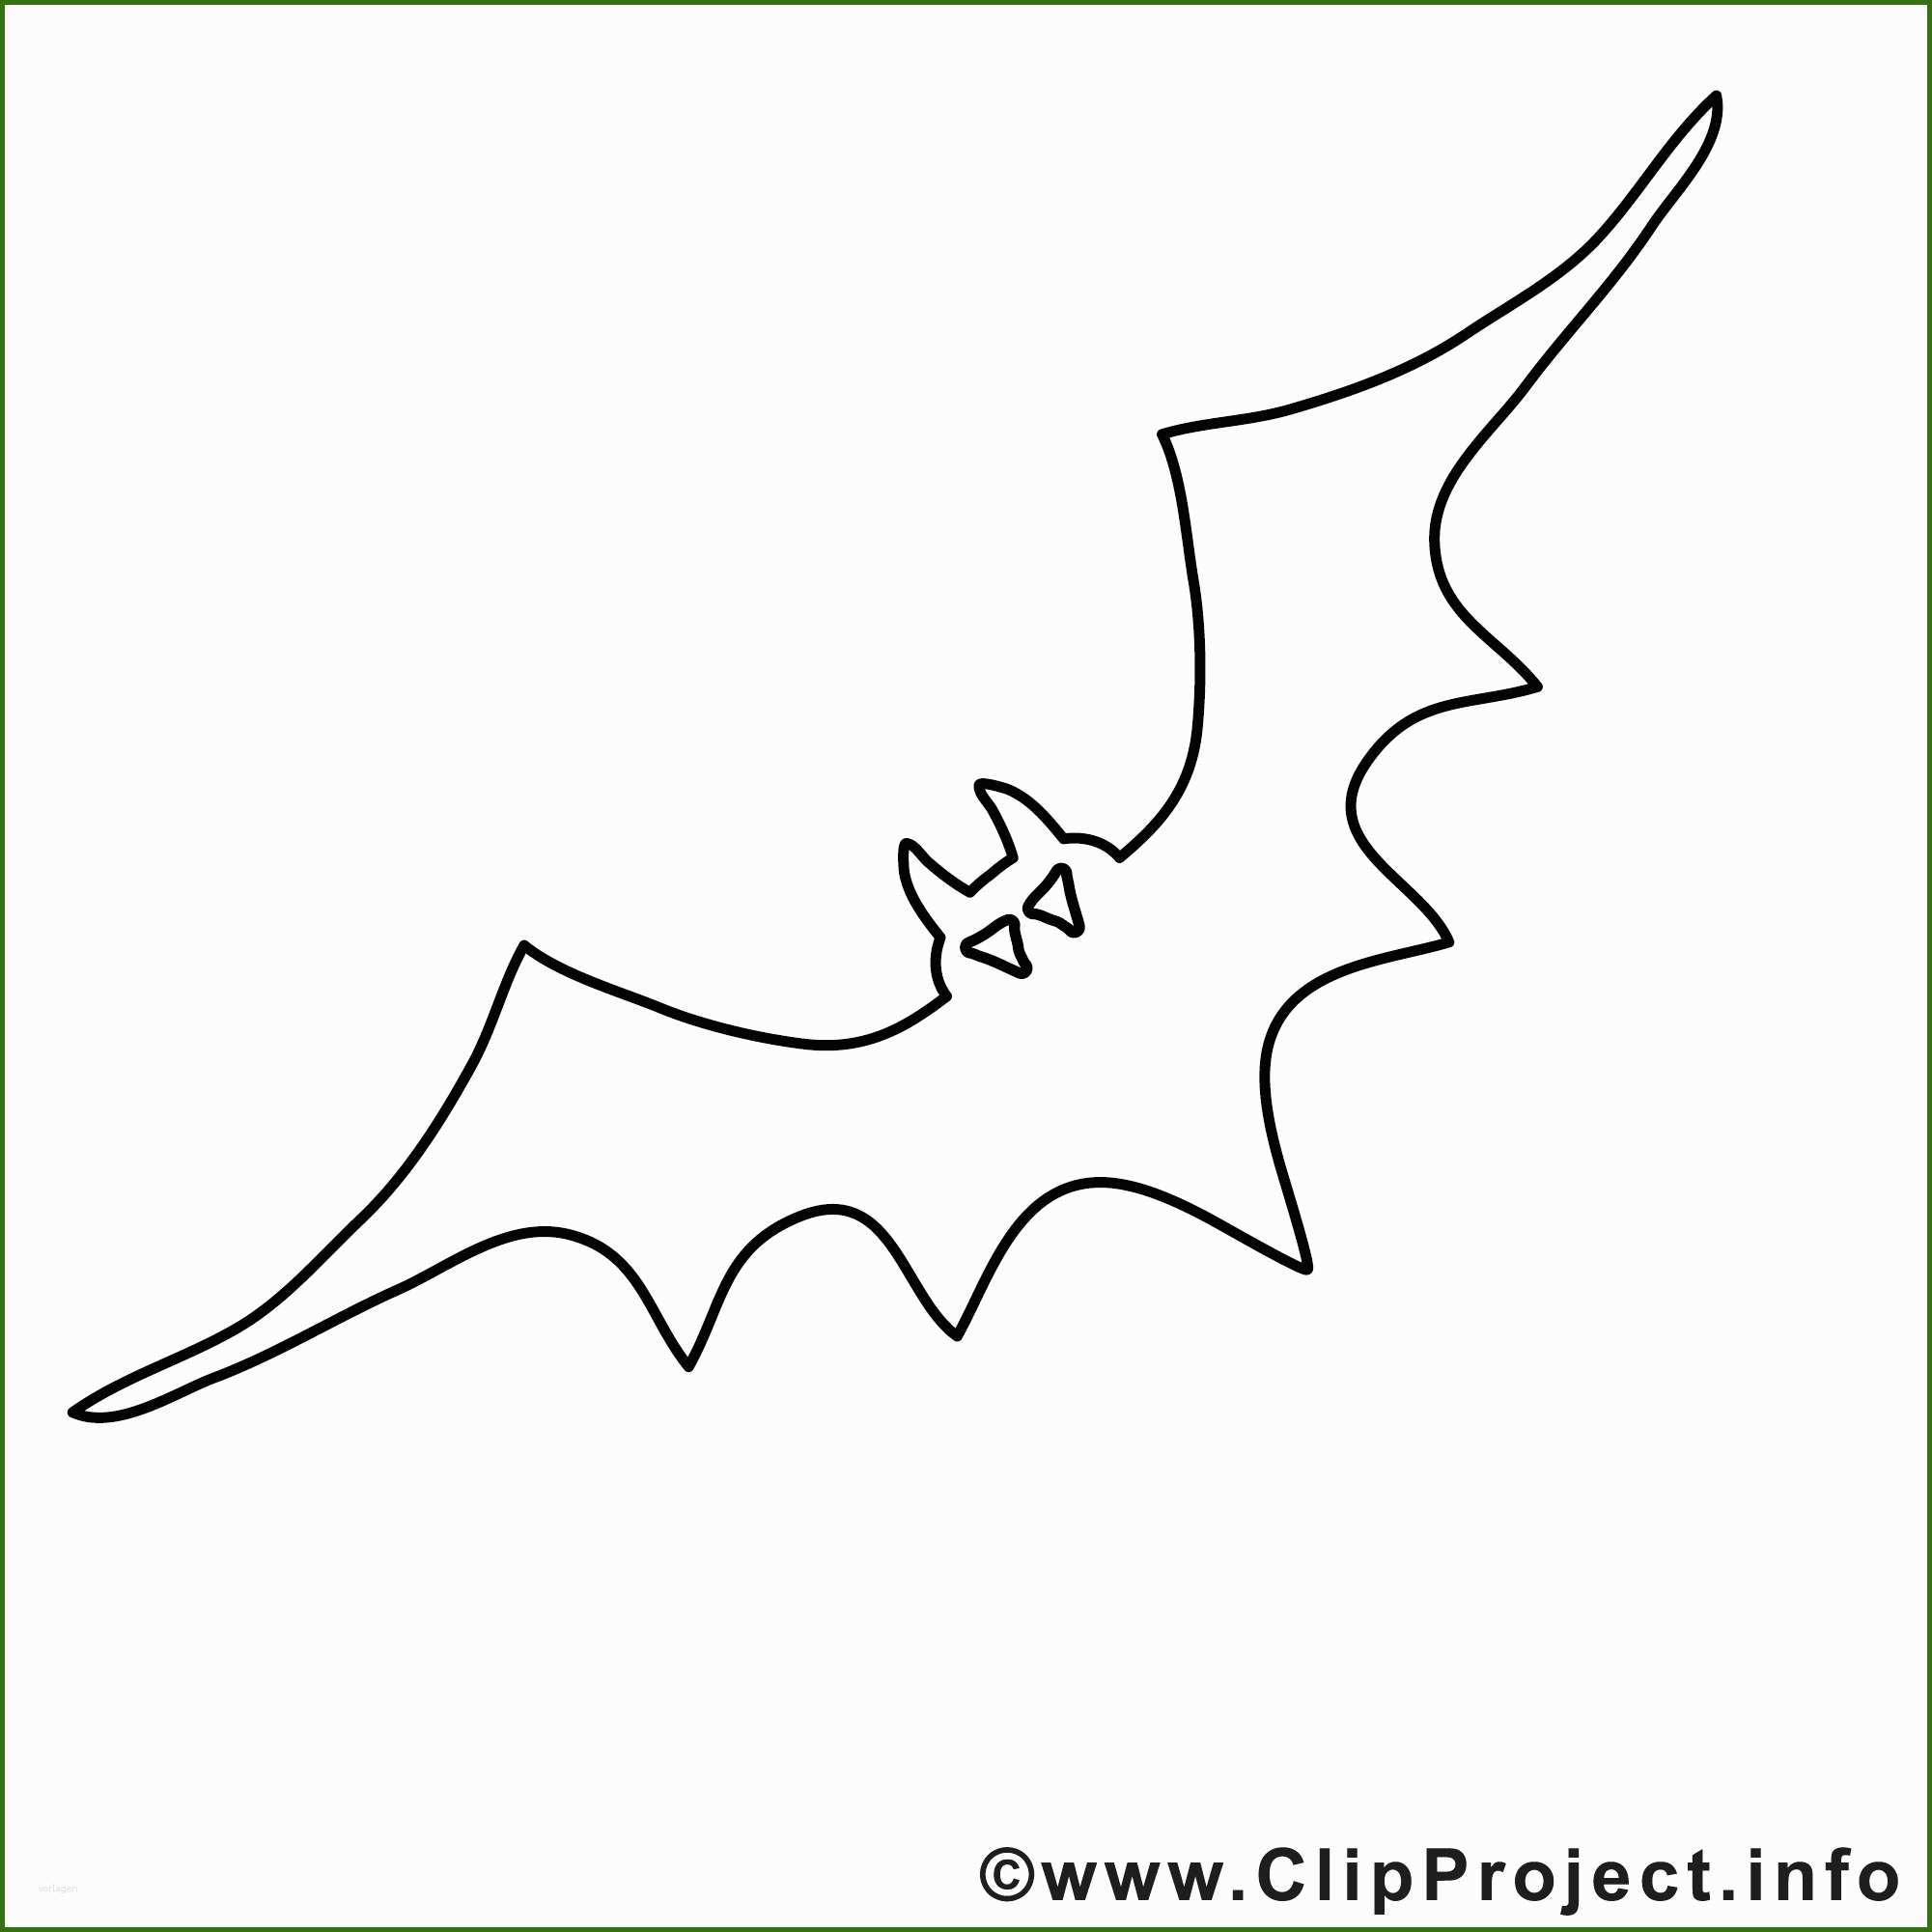 Fledermaus Vorlage Zum Ausdrucken - Malvorlagen Gratis